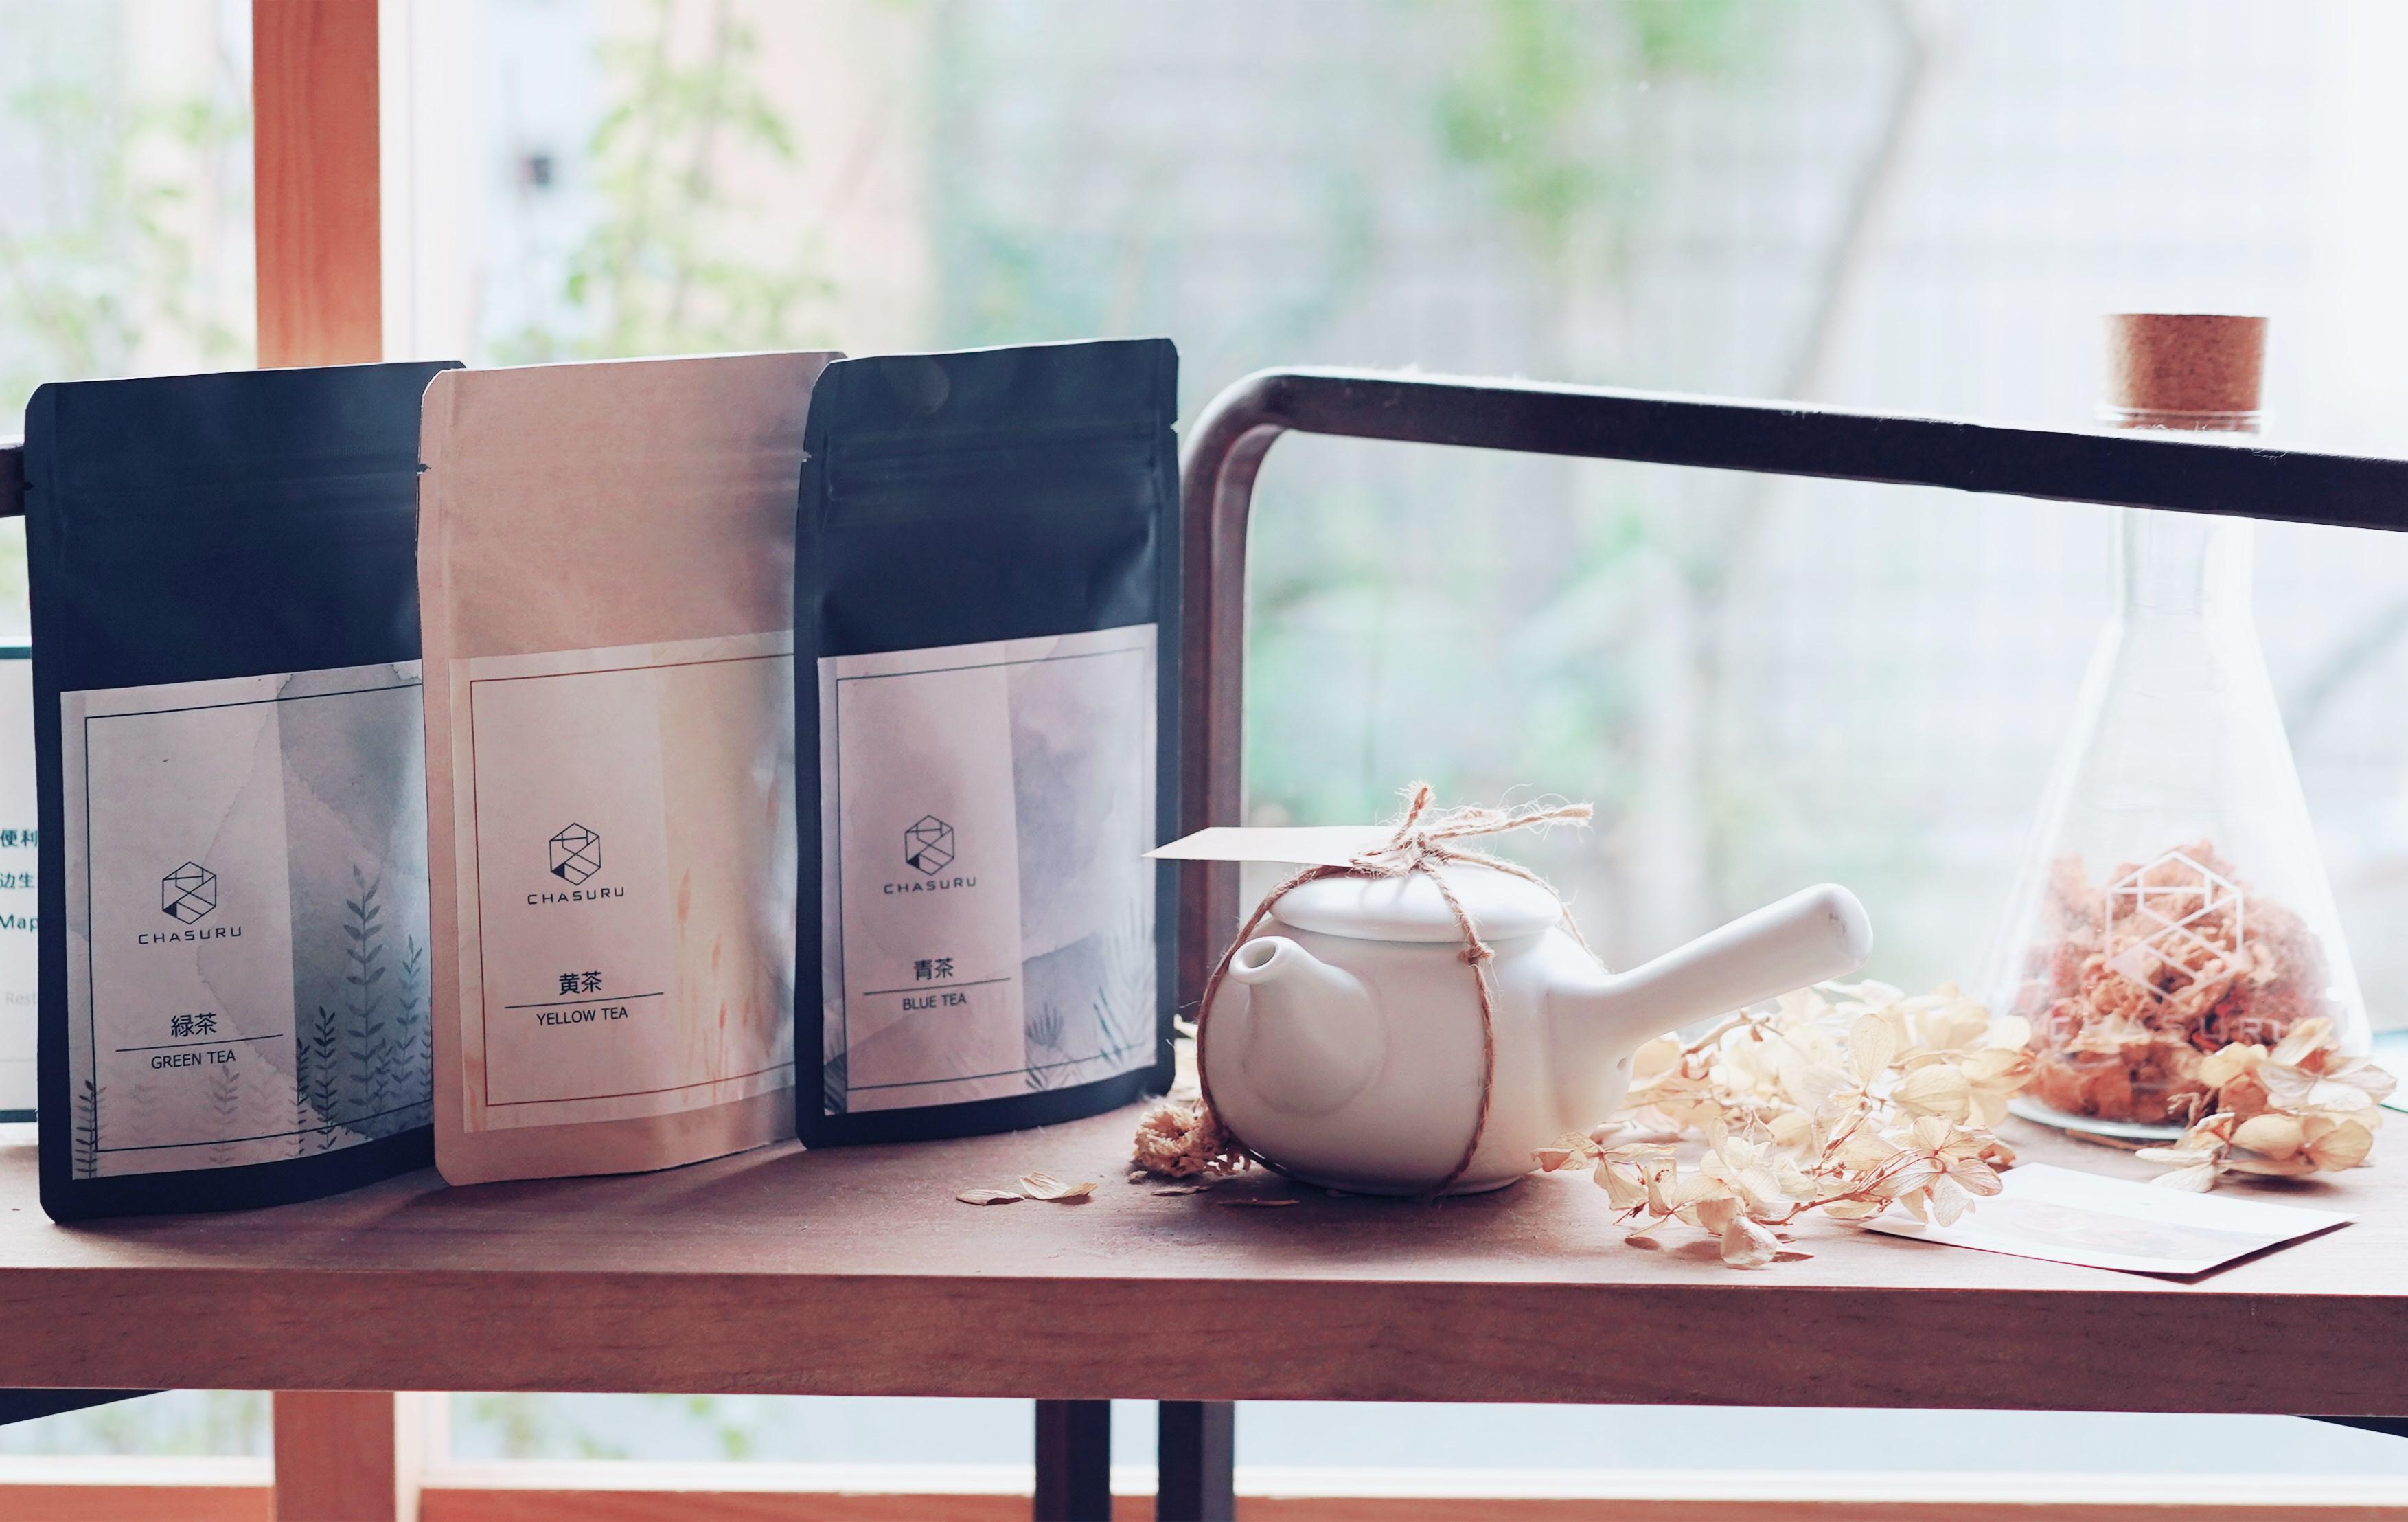 オリジナル急須&お茶3点ギフトセット